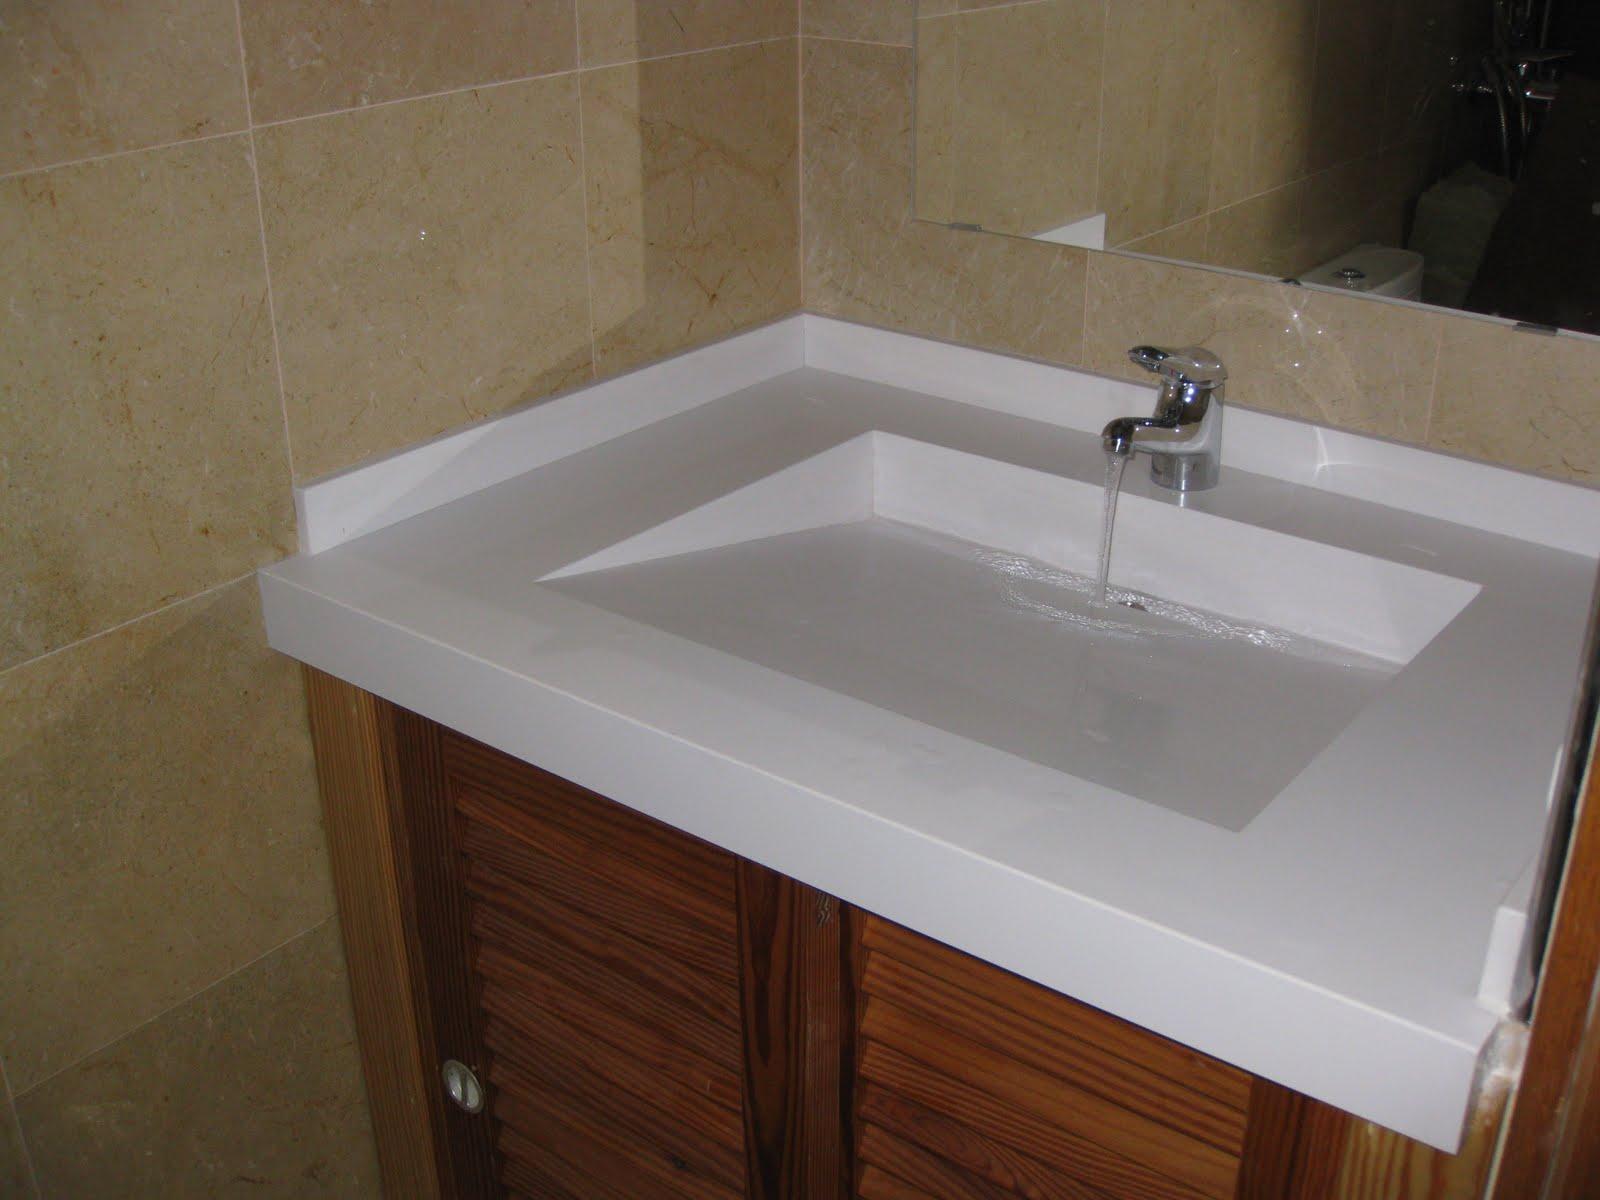 Piedralia global s l encimera de lavabo en cuarzo blanco Encimeras de cuarzo